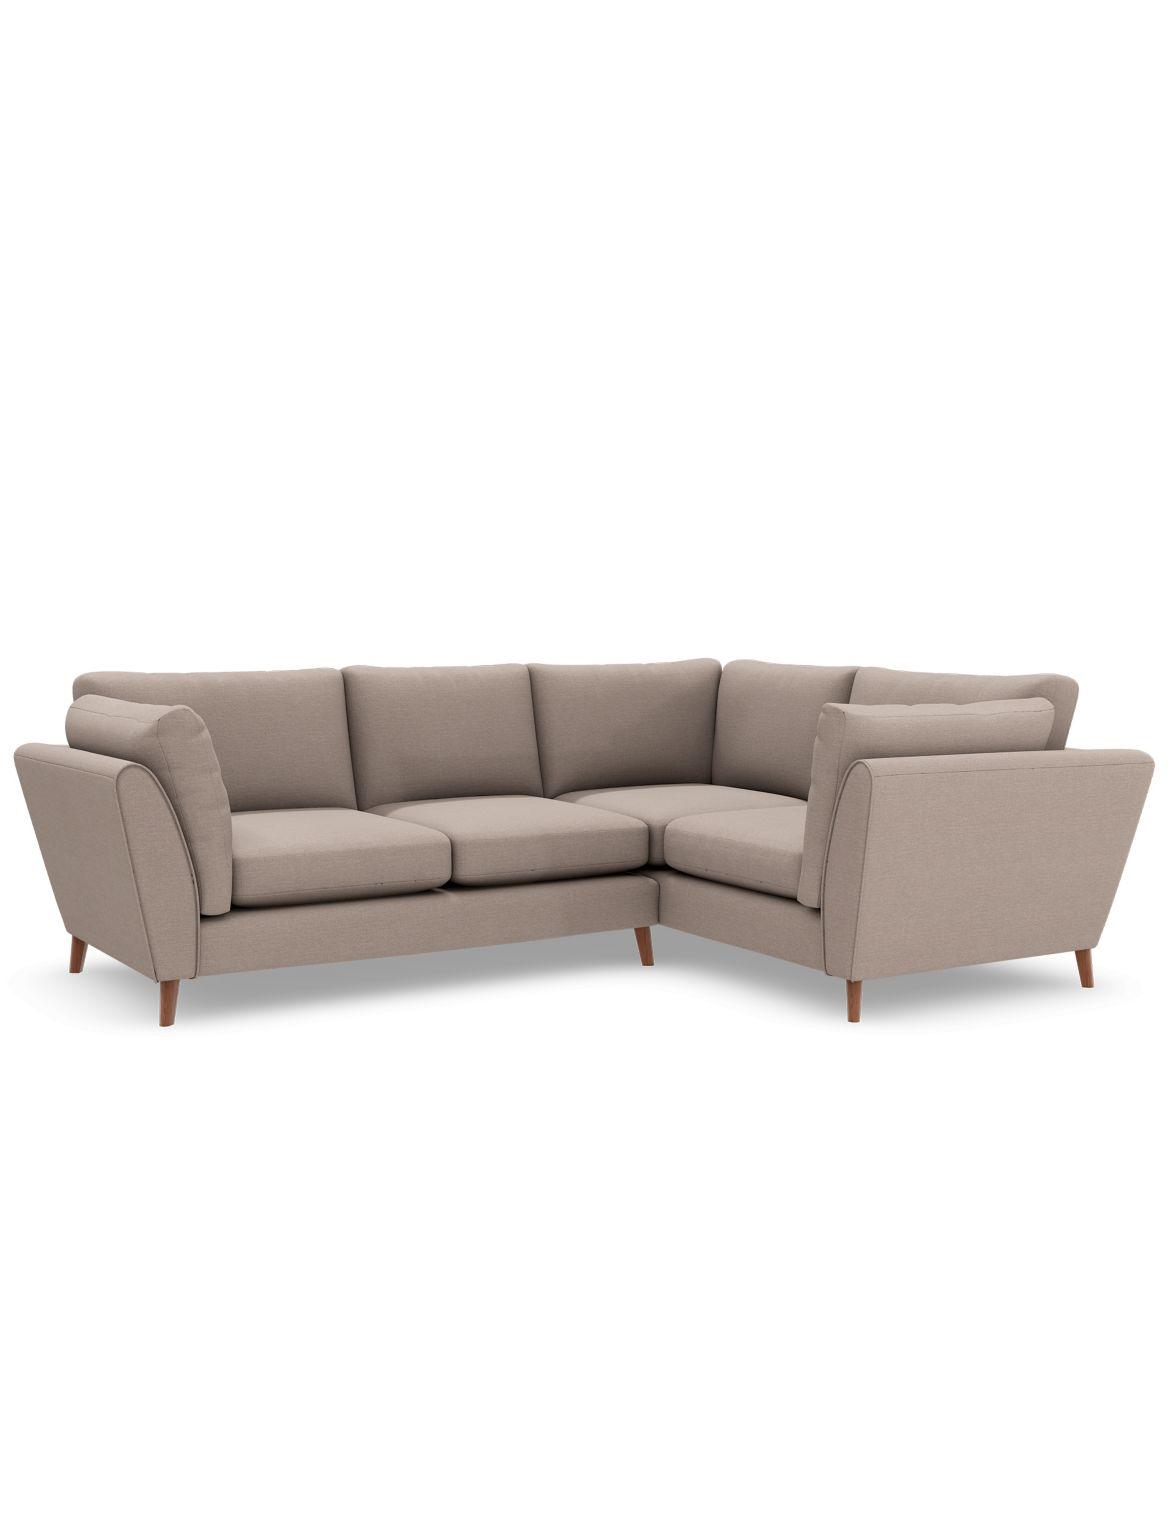 Finch Small Corner Sofa (Right-Hand) Beige